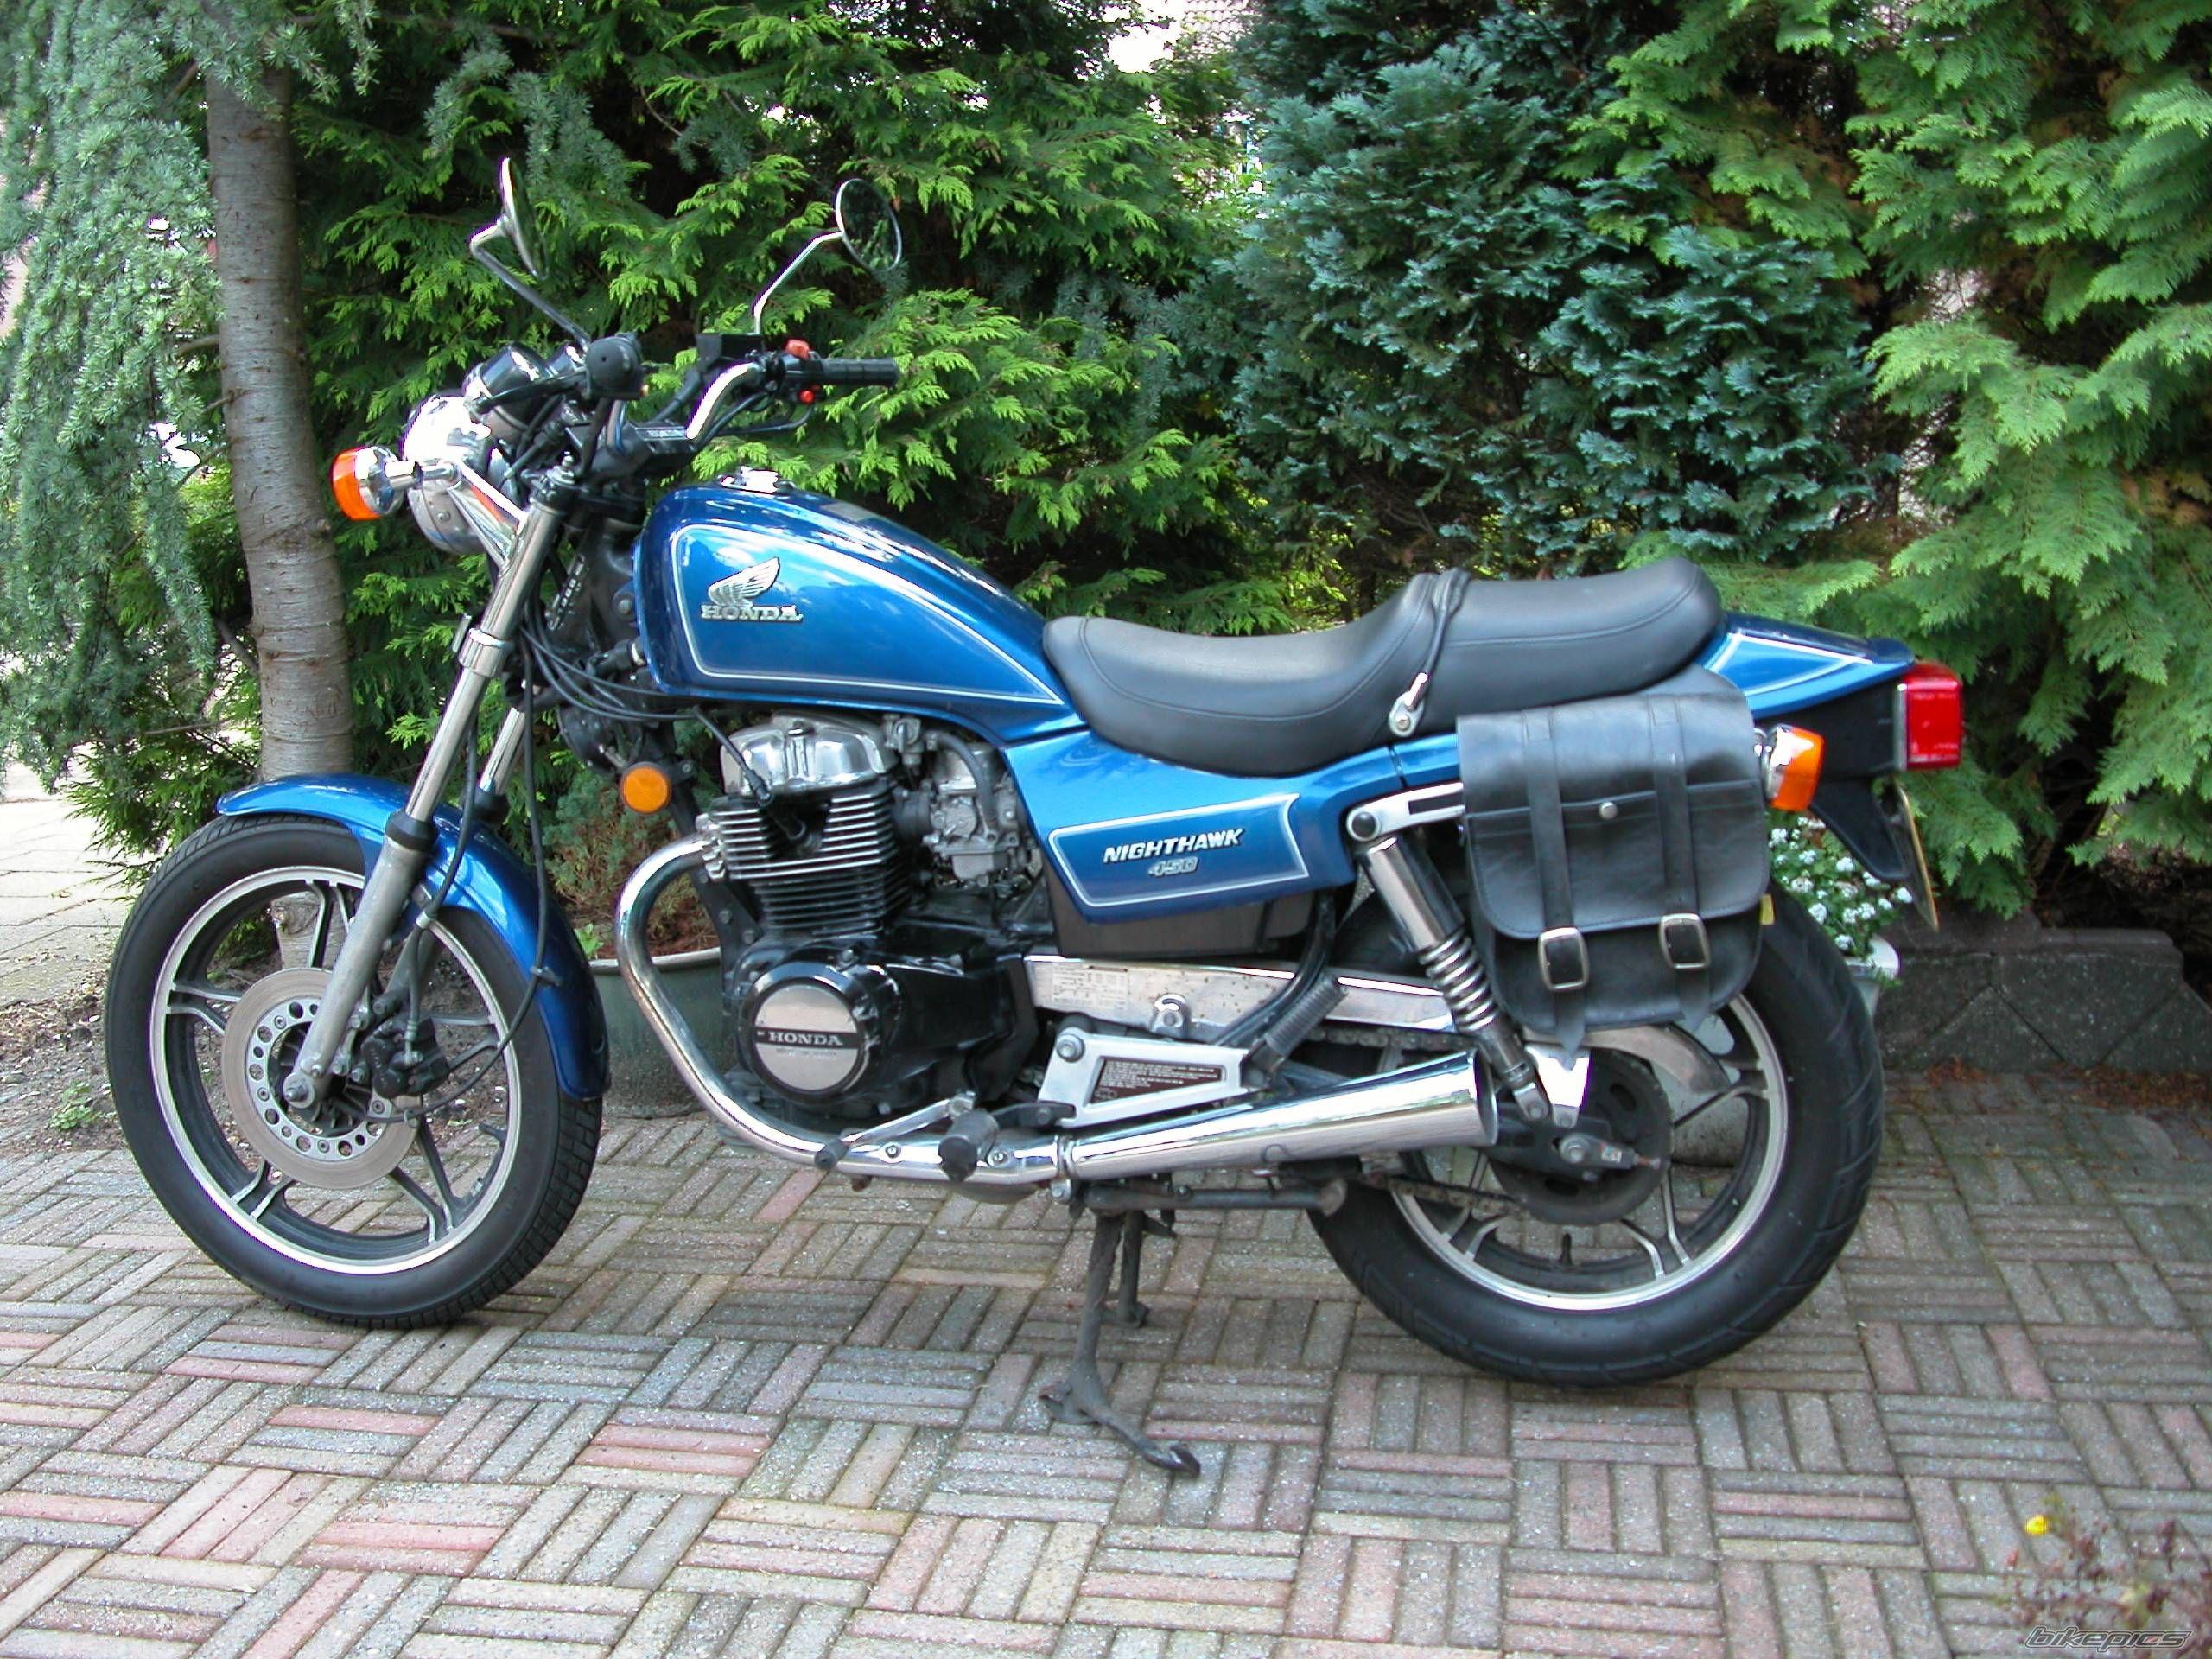 1986 Honda Nighthawk 450